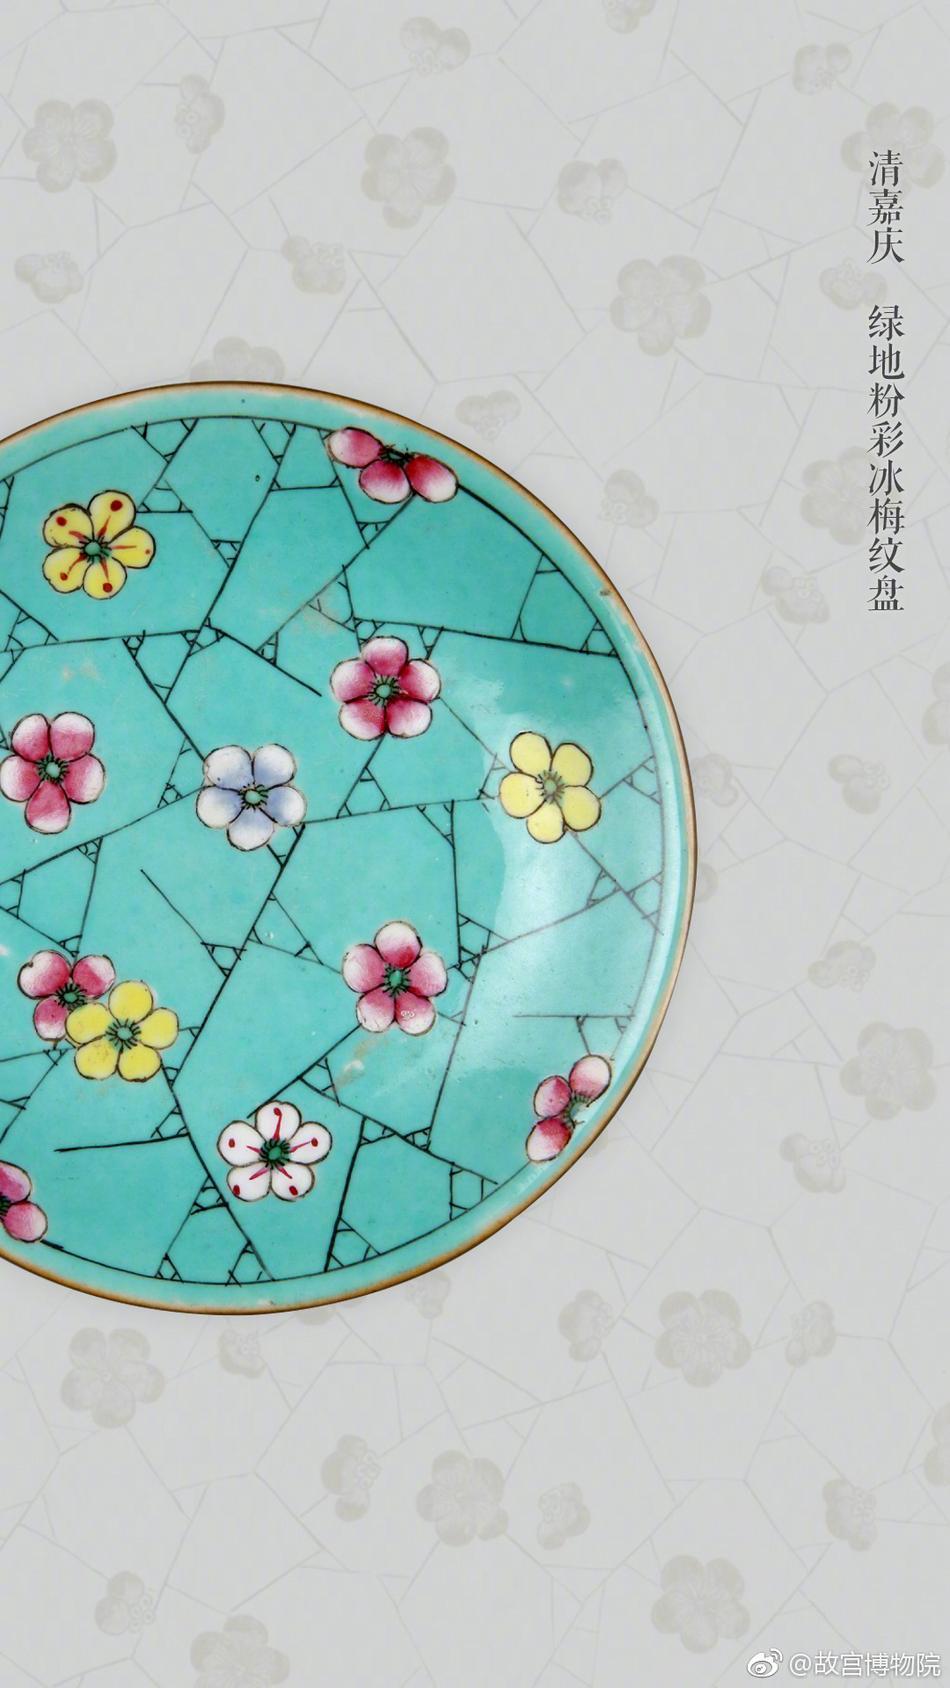 渑池 邢台 汽车贸易有限公司招聘信息网